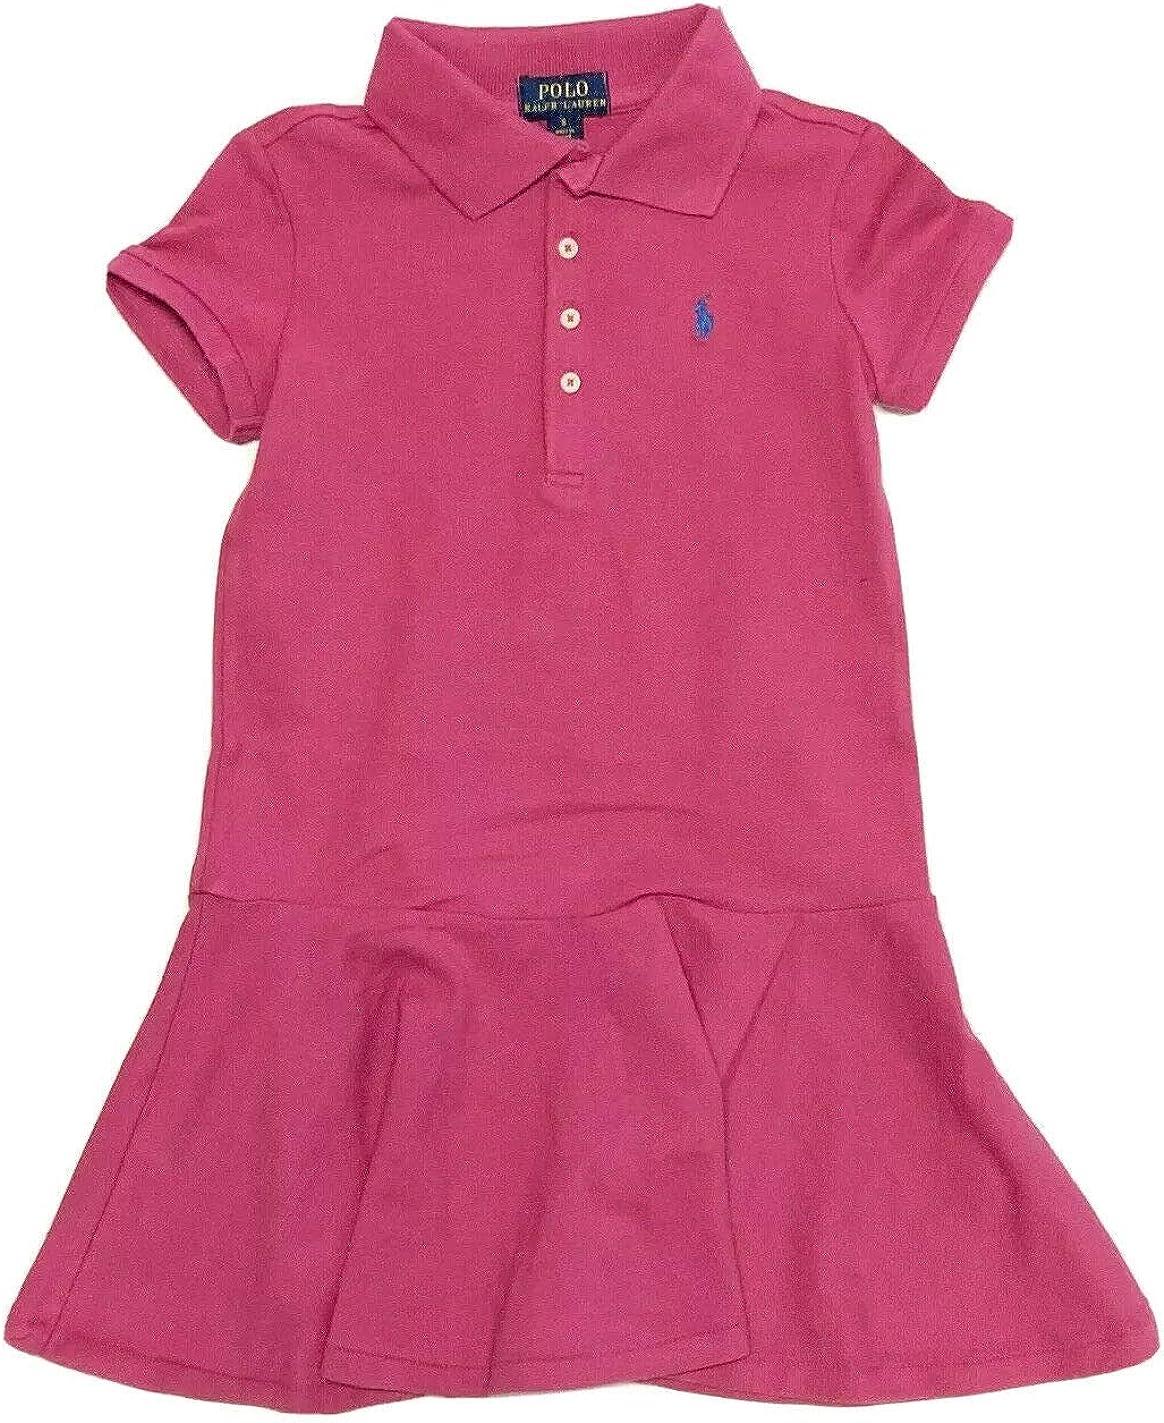 Ralph Lauren 5% OFF Polo Girls Dress Kids Short Sleeve Ranking TOP13 Size 4T 4